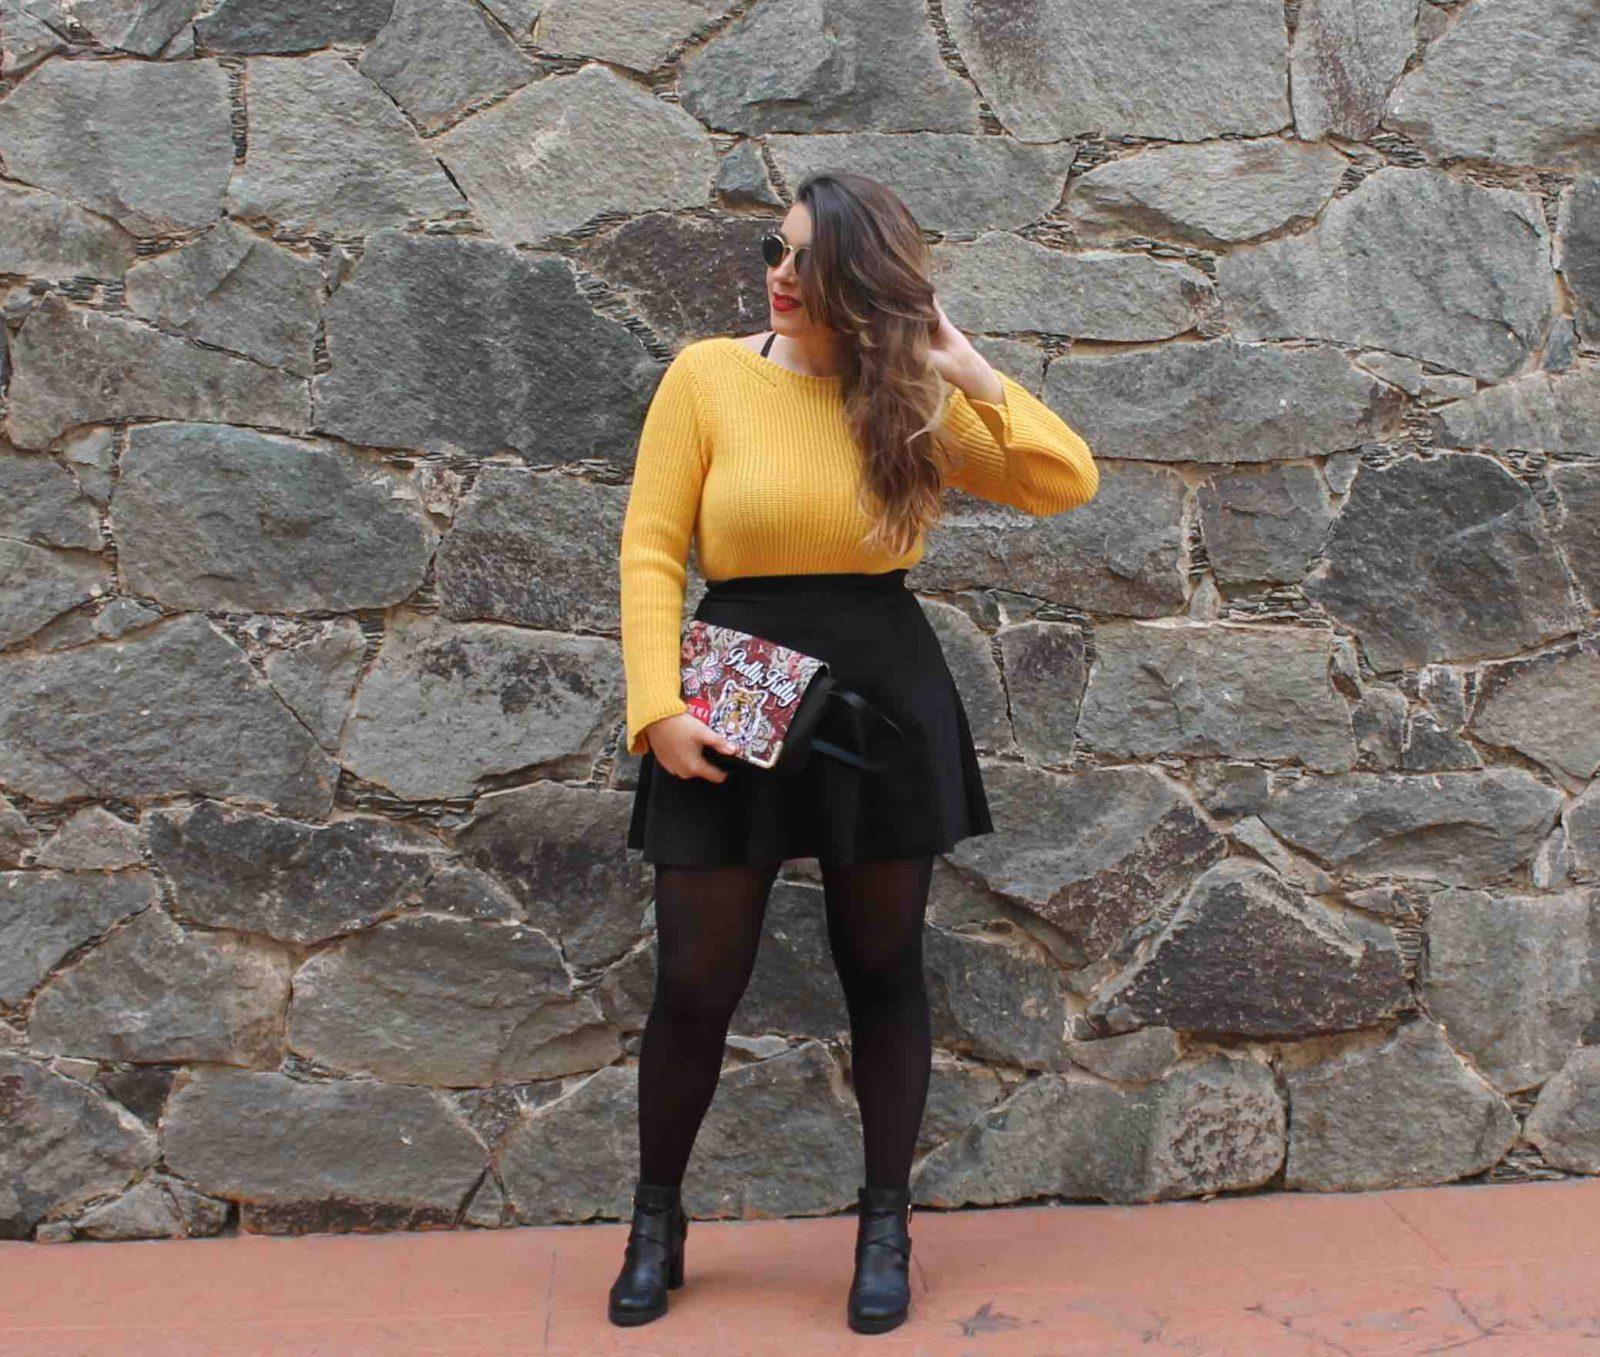 marikowskaya streete style amanda jersey amarillo (10)